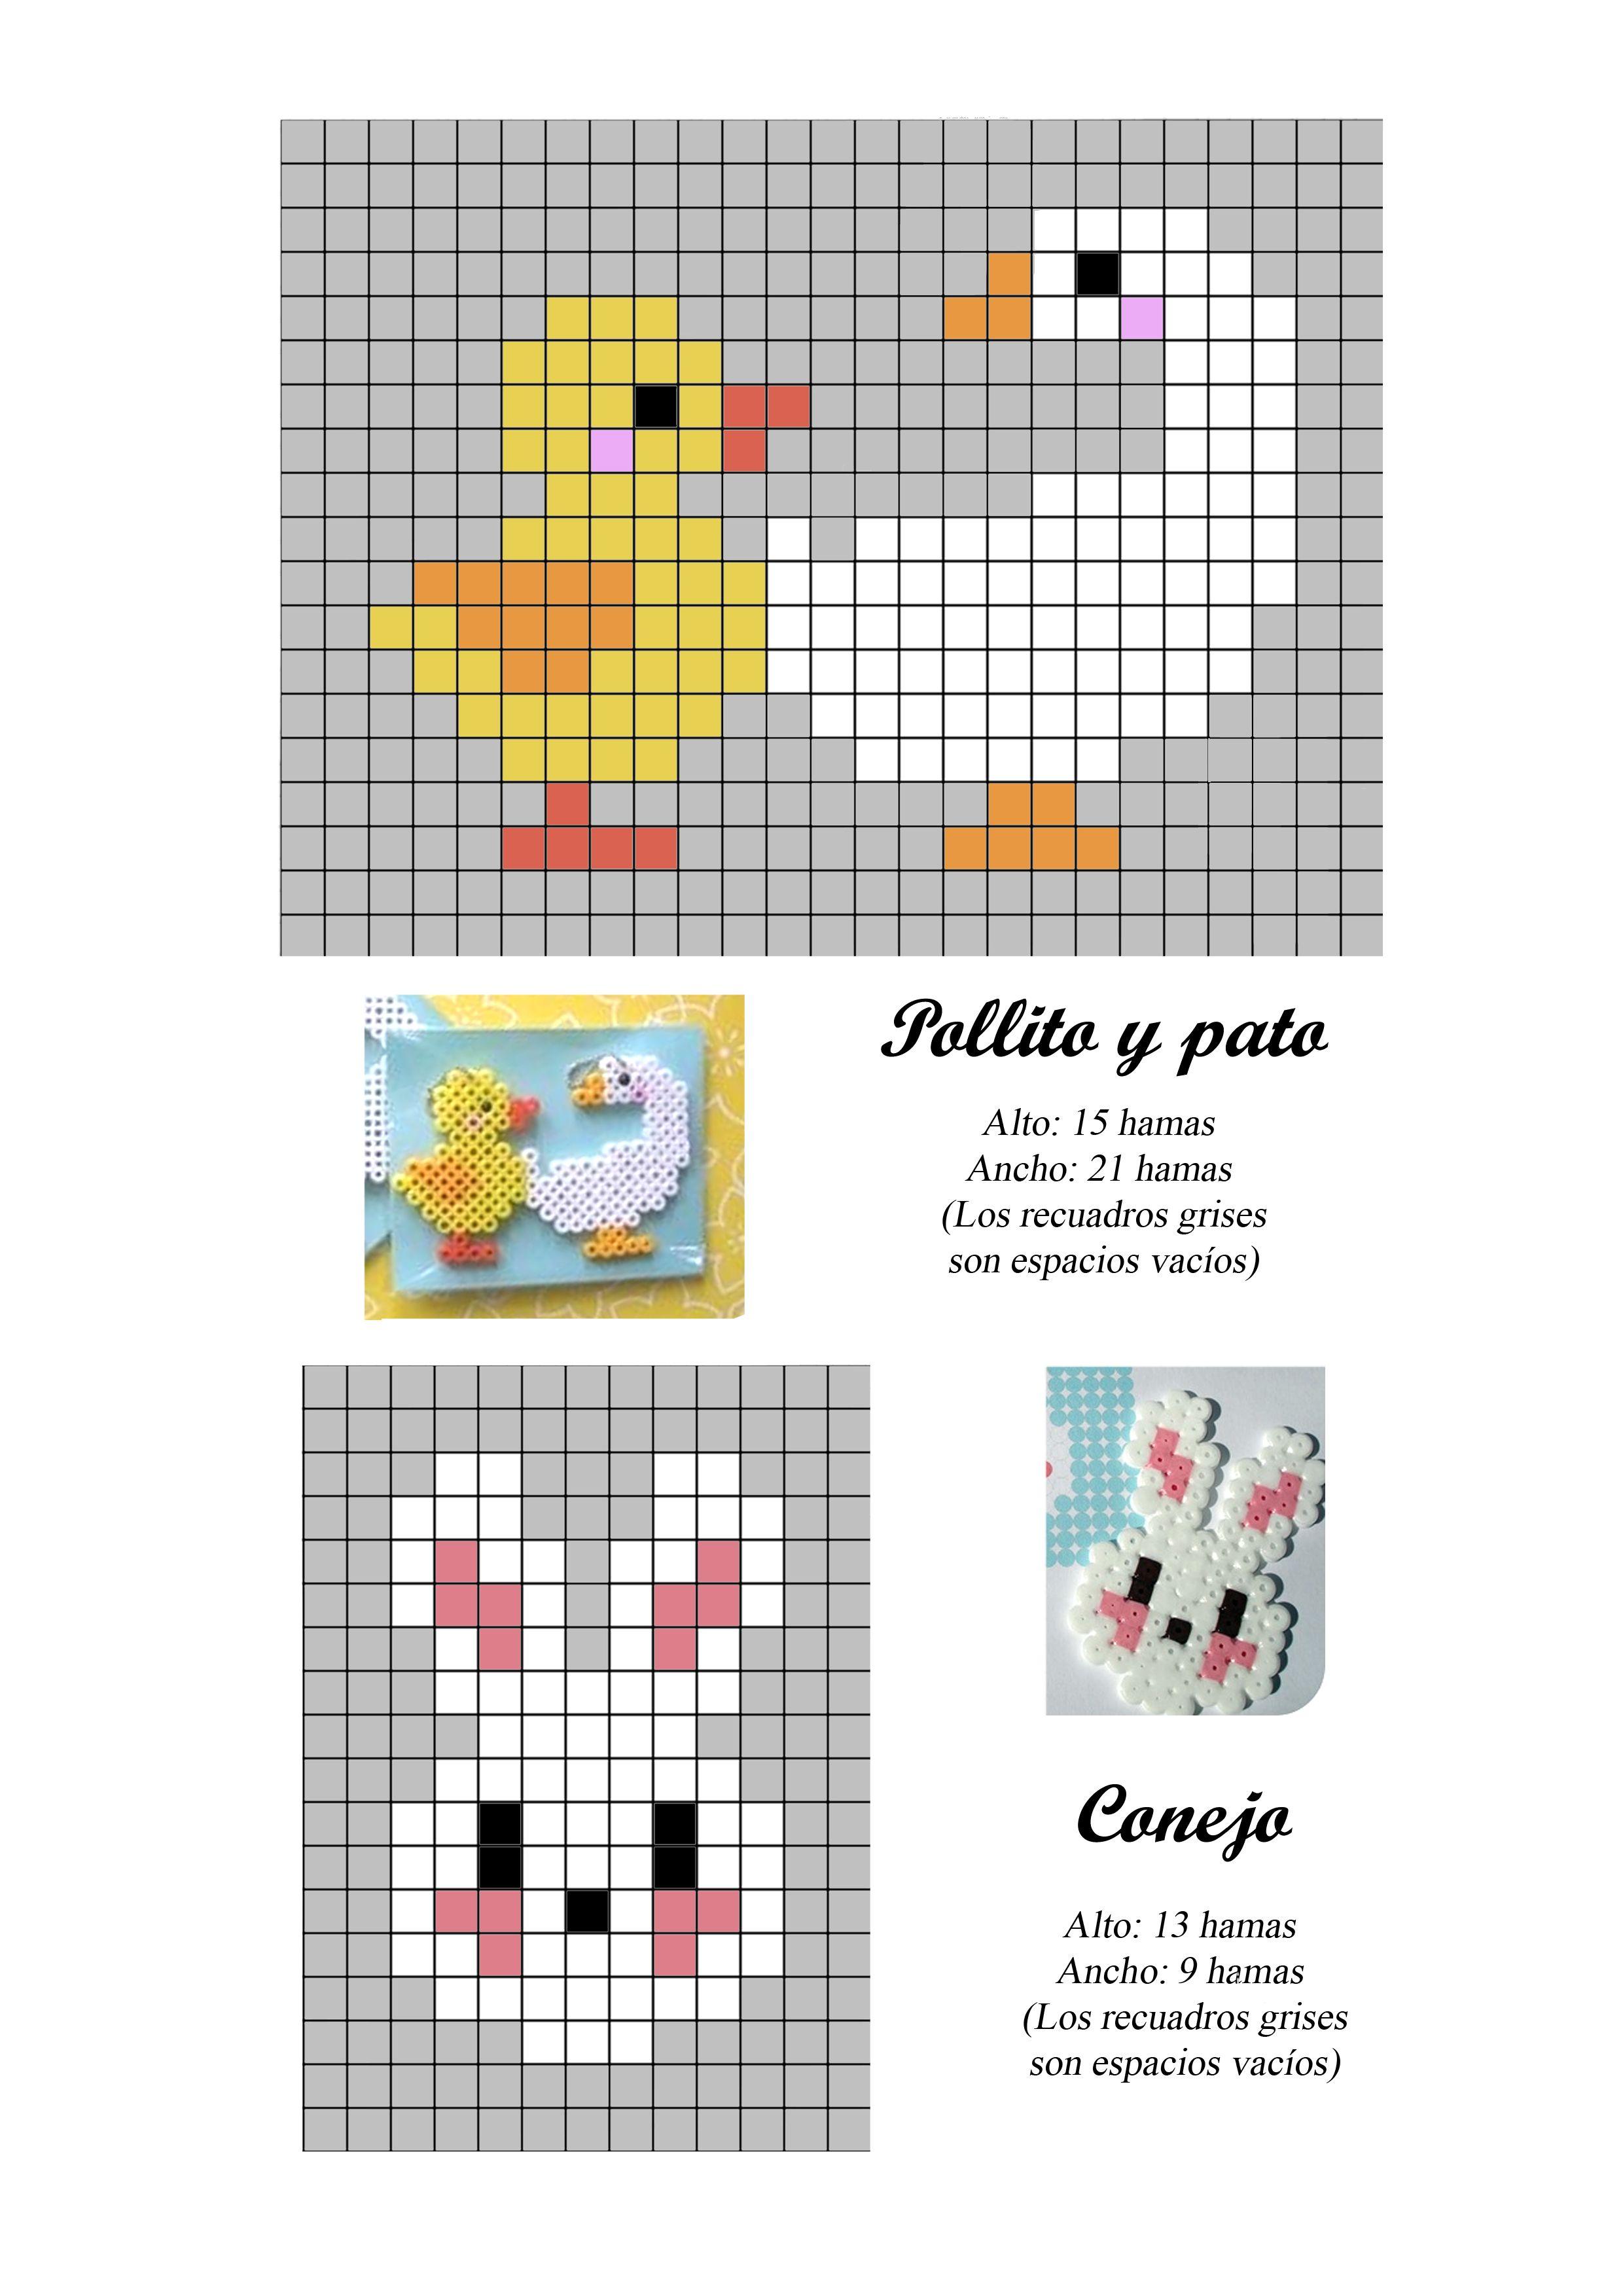 Pato pollo conejo hama beads pattern   Proyectos que intentar